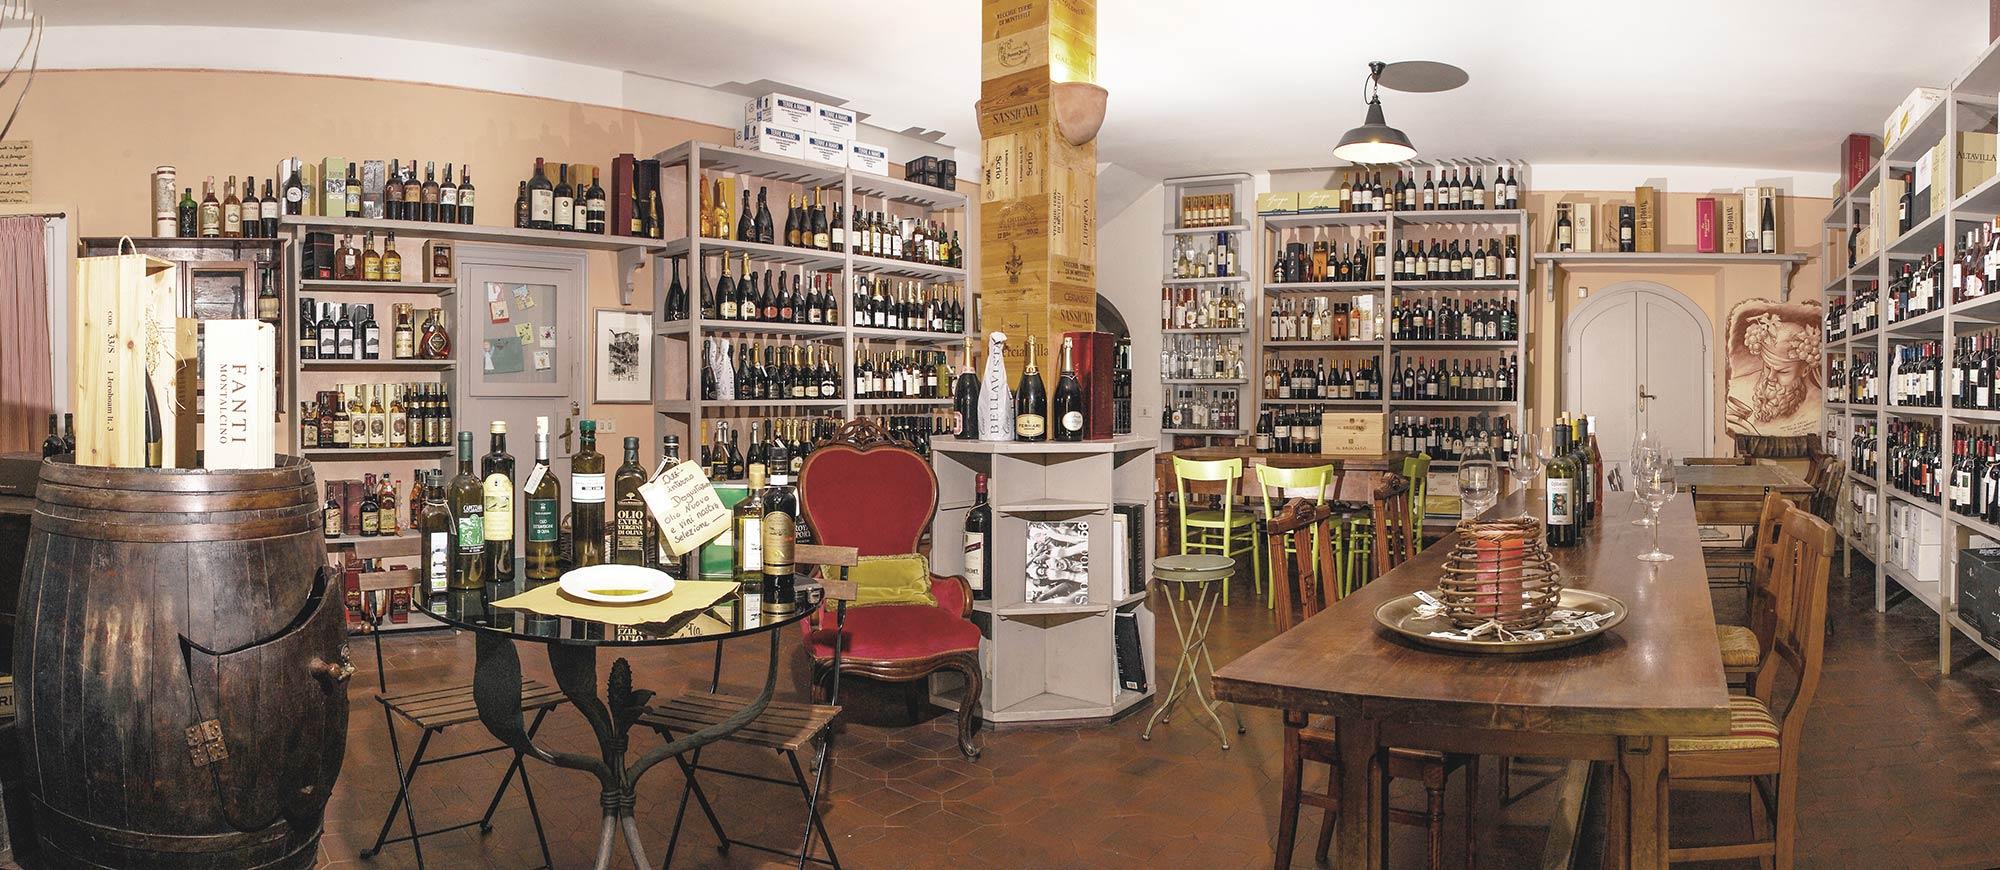 L'interno di Cantine Angeli, con pareti stipate di vini e oli